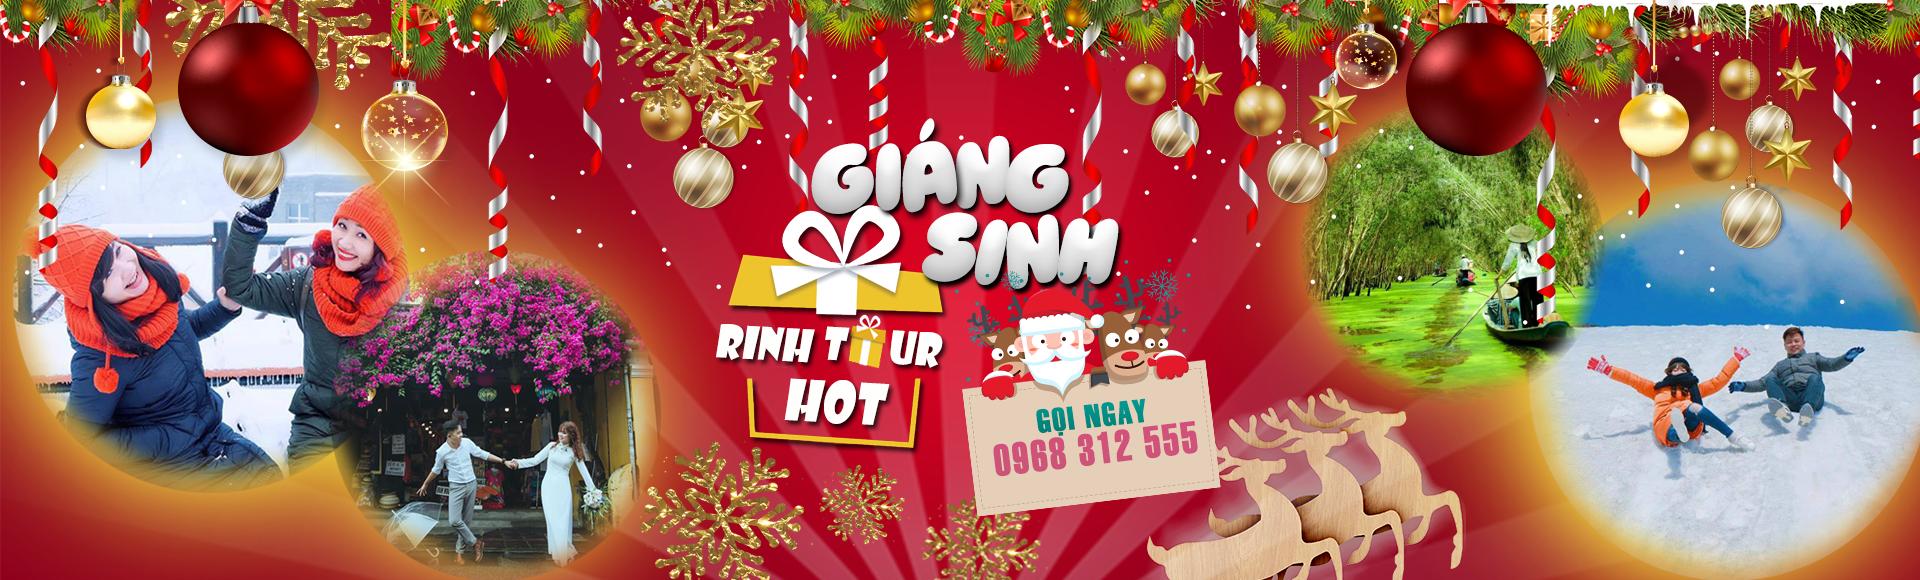 Thư chúc mừng Giáng sinh và năm mới Tiên Phong Travel